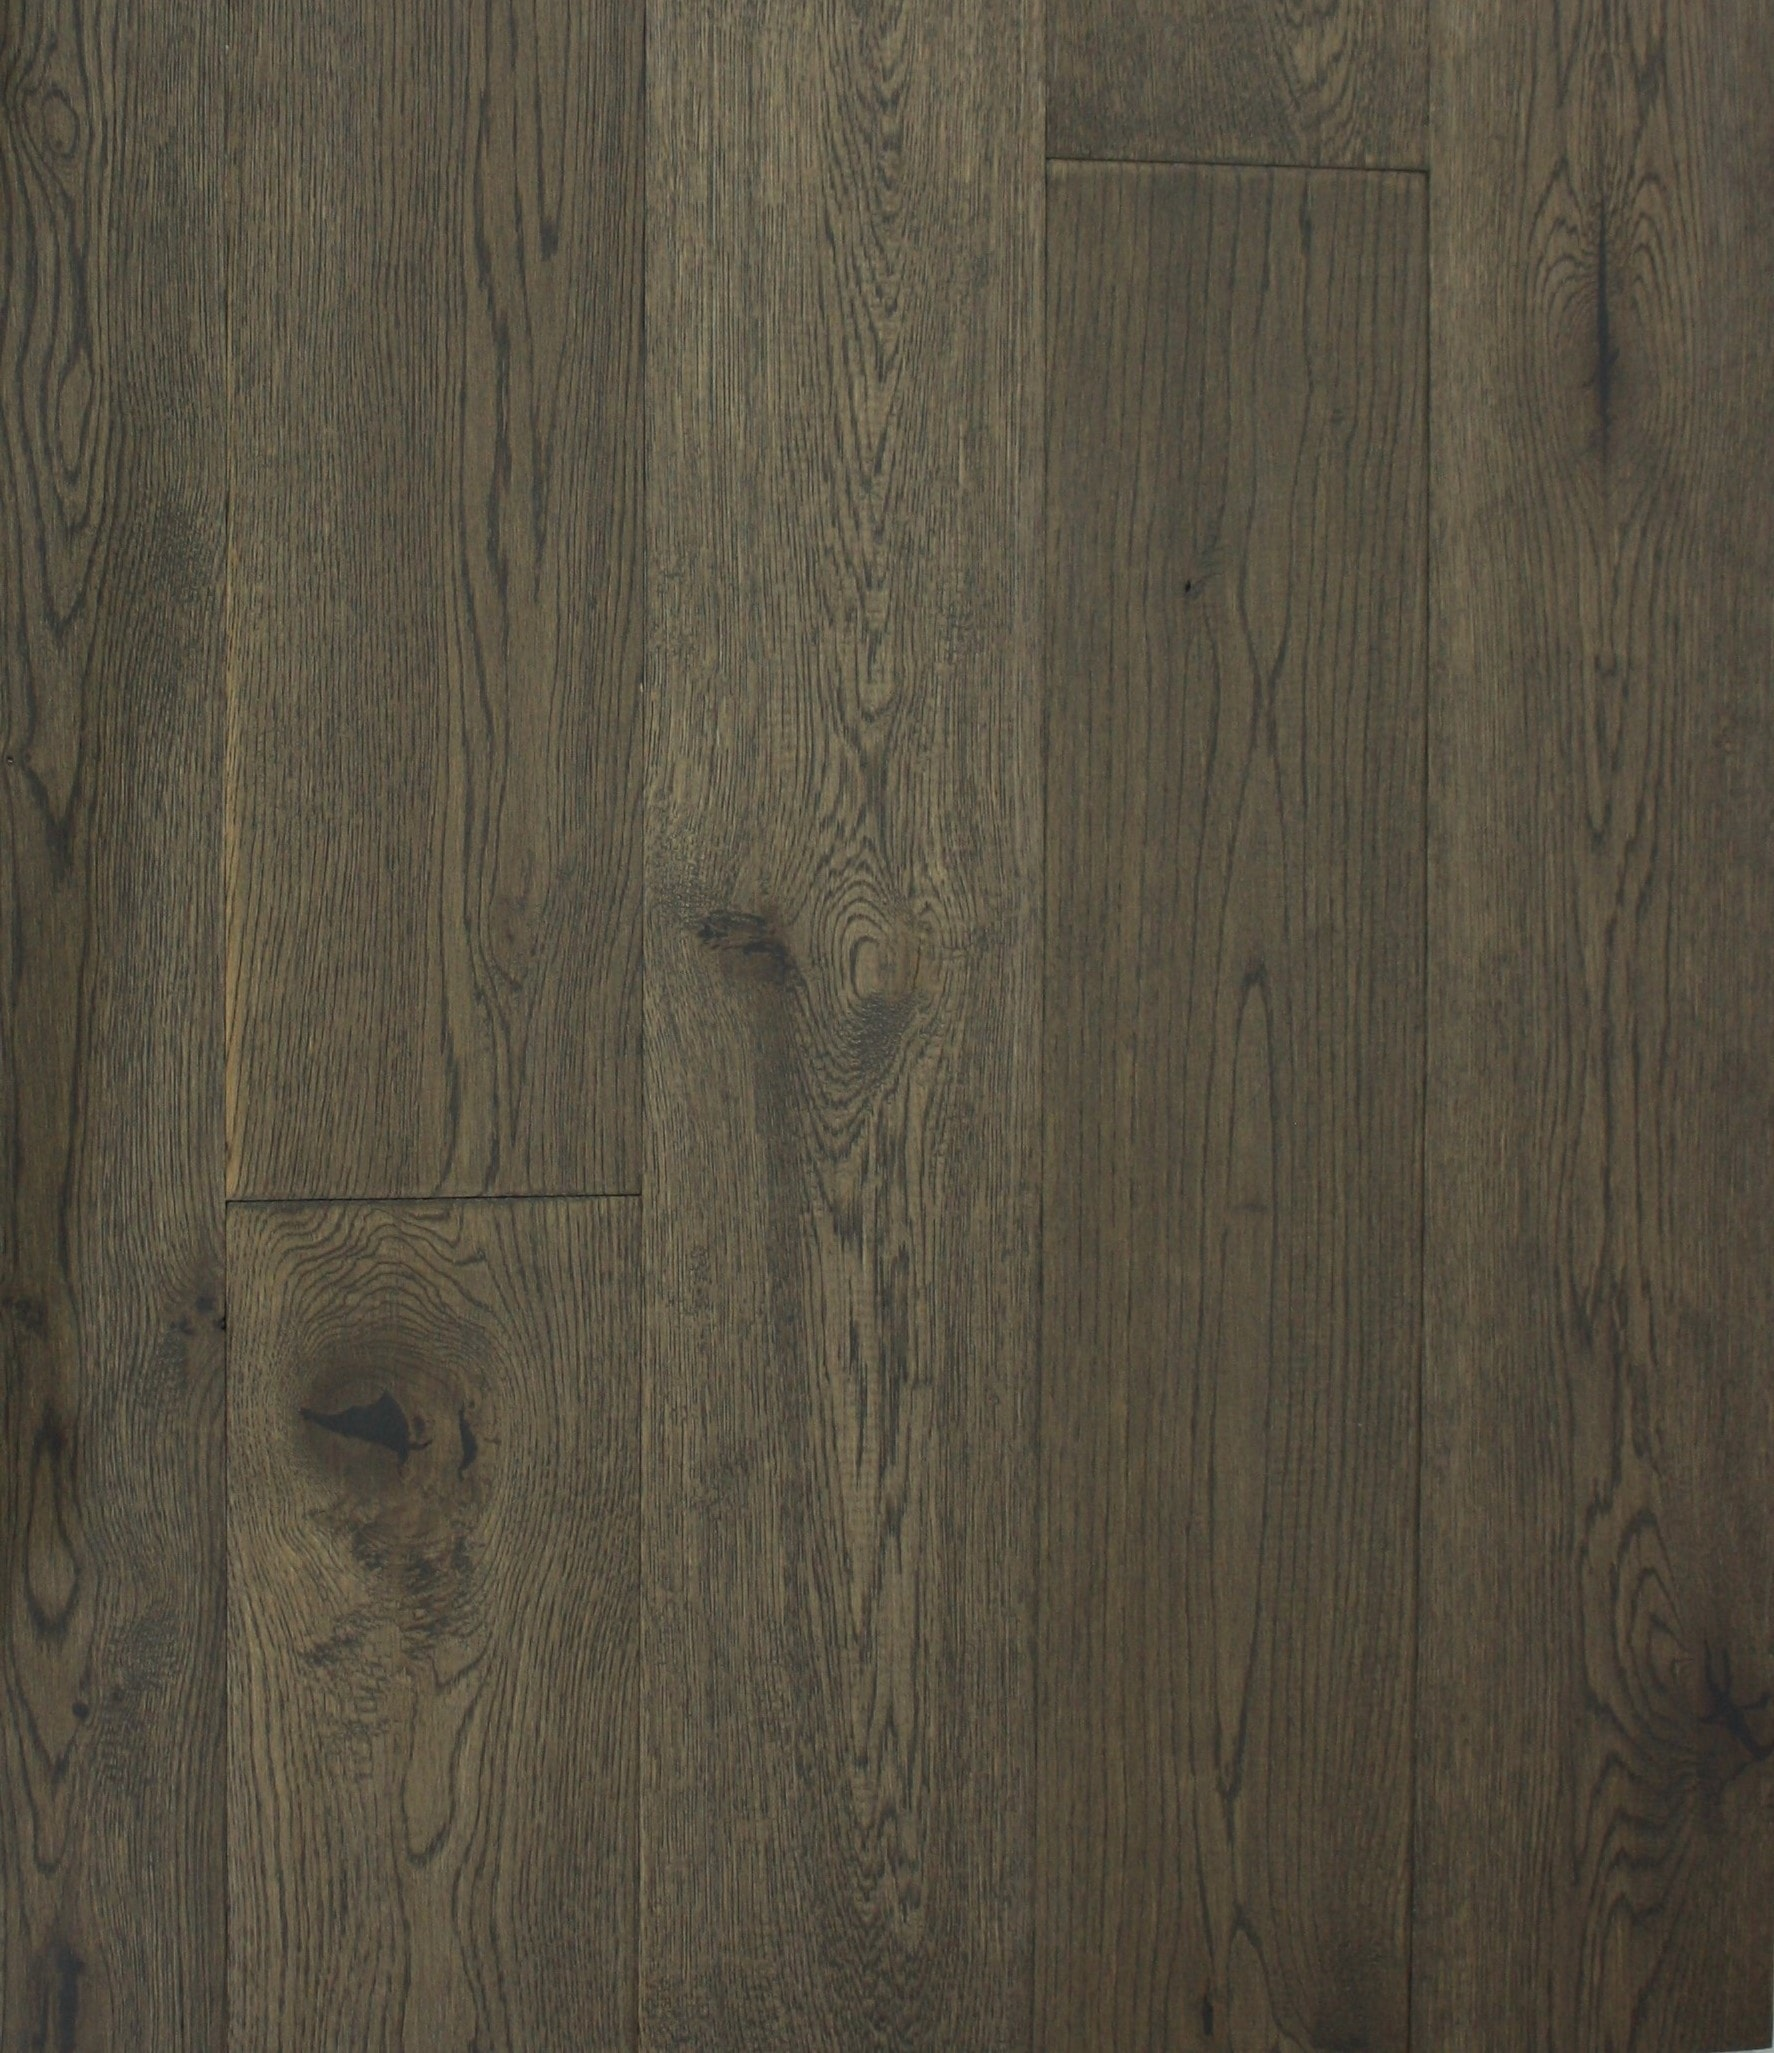 Ash / Oak / 8-layer UV-cured aluminum oxide finish / 5 European Oak 0